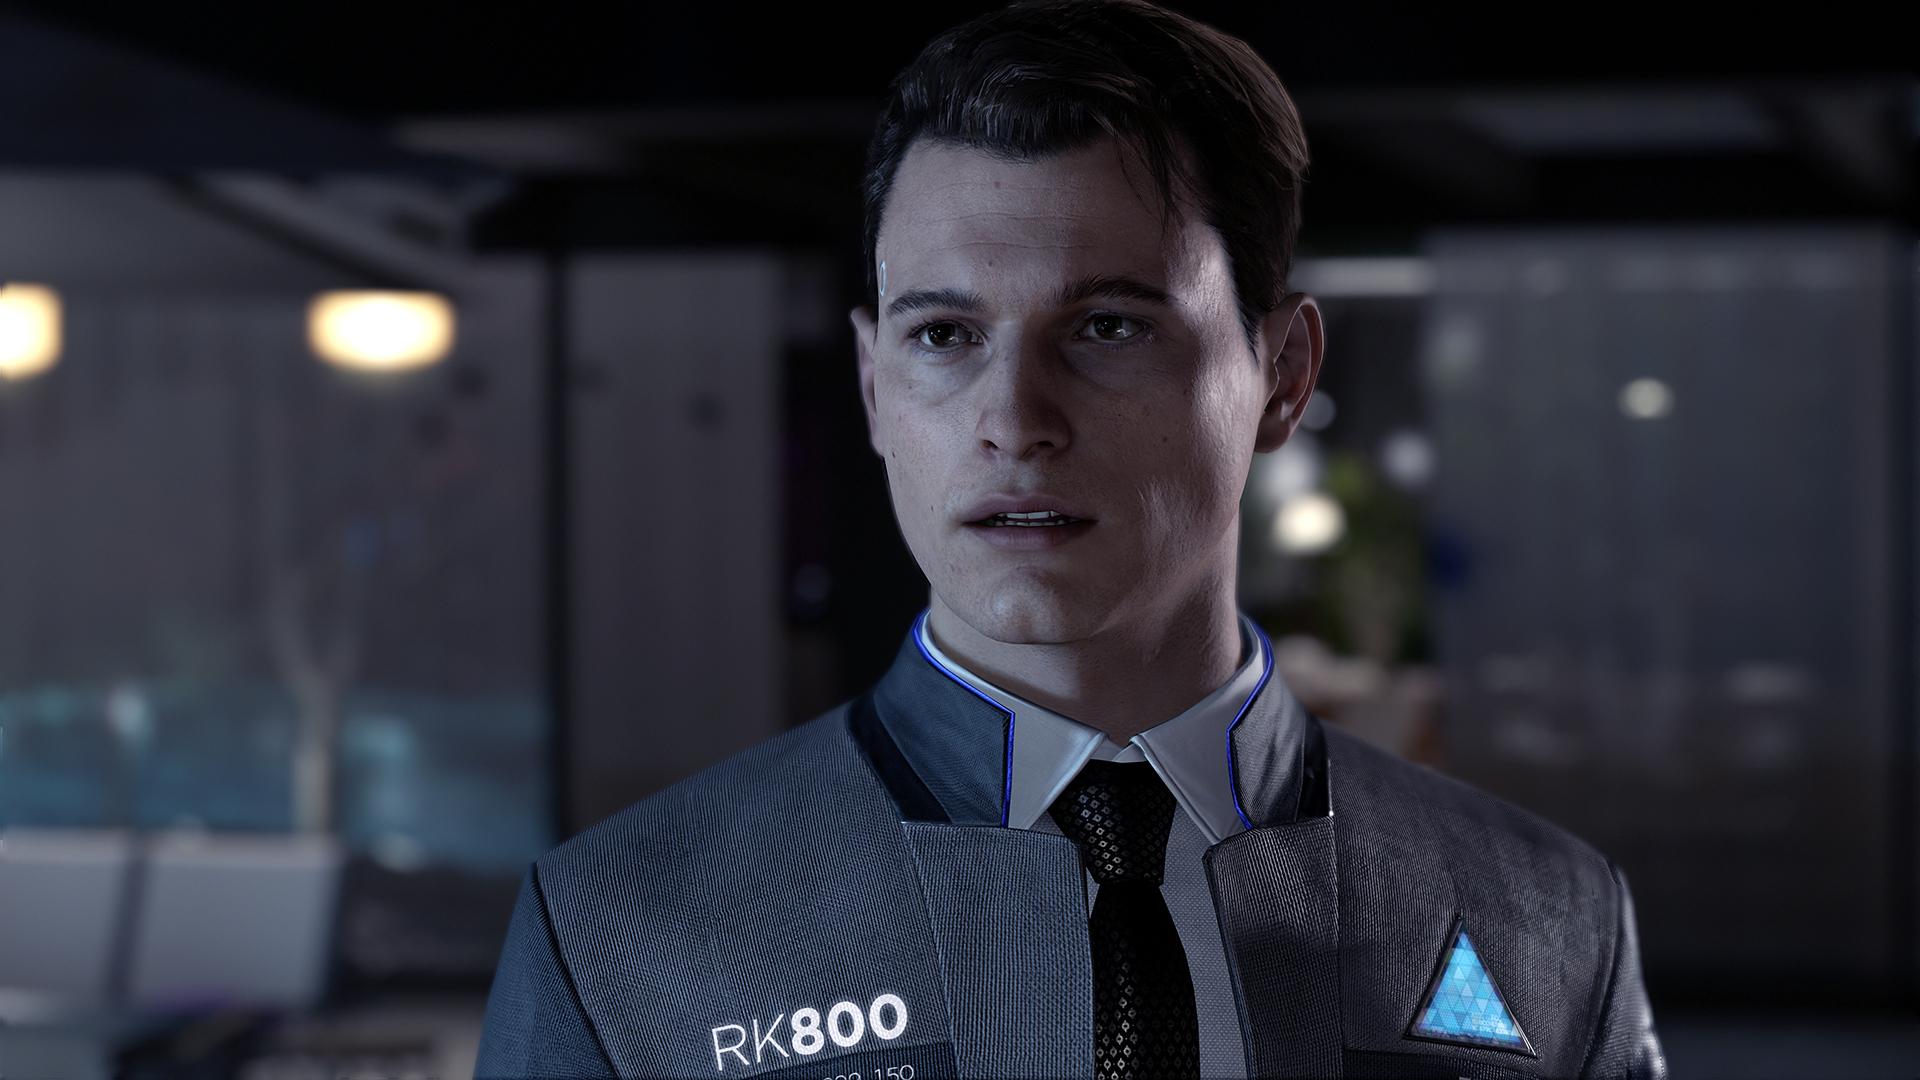 デトロイト Become Human Playstation 4で新たなセールスマイルストーンに到達 ビデオゲームについて話そう